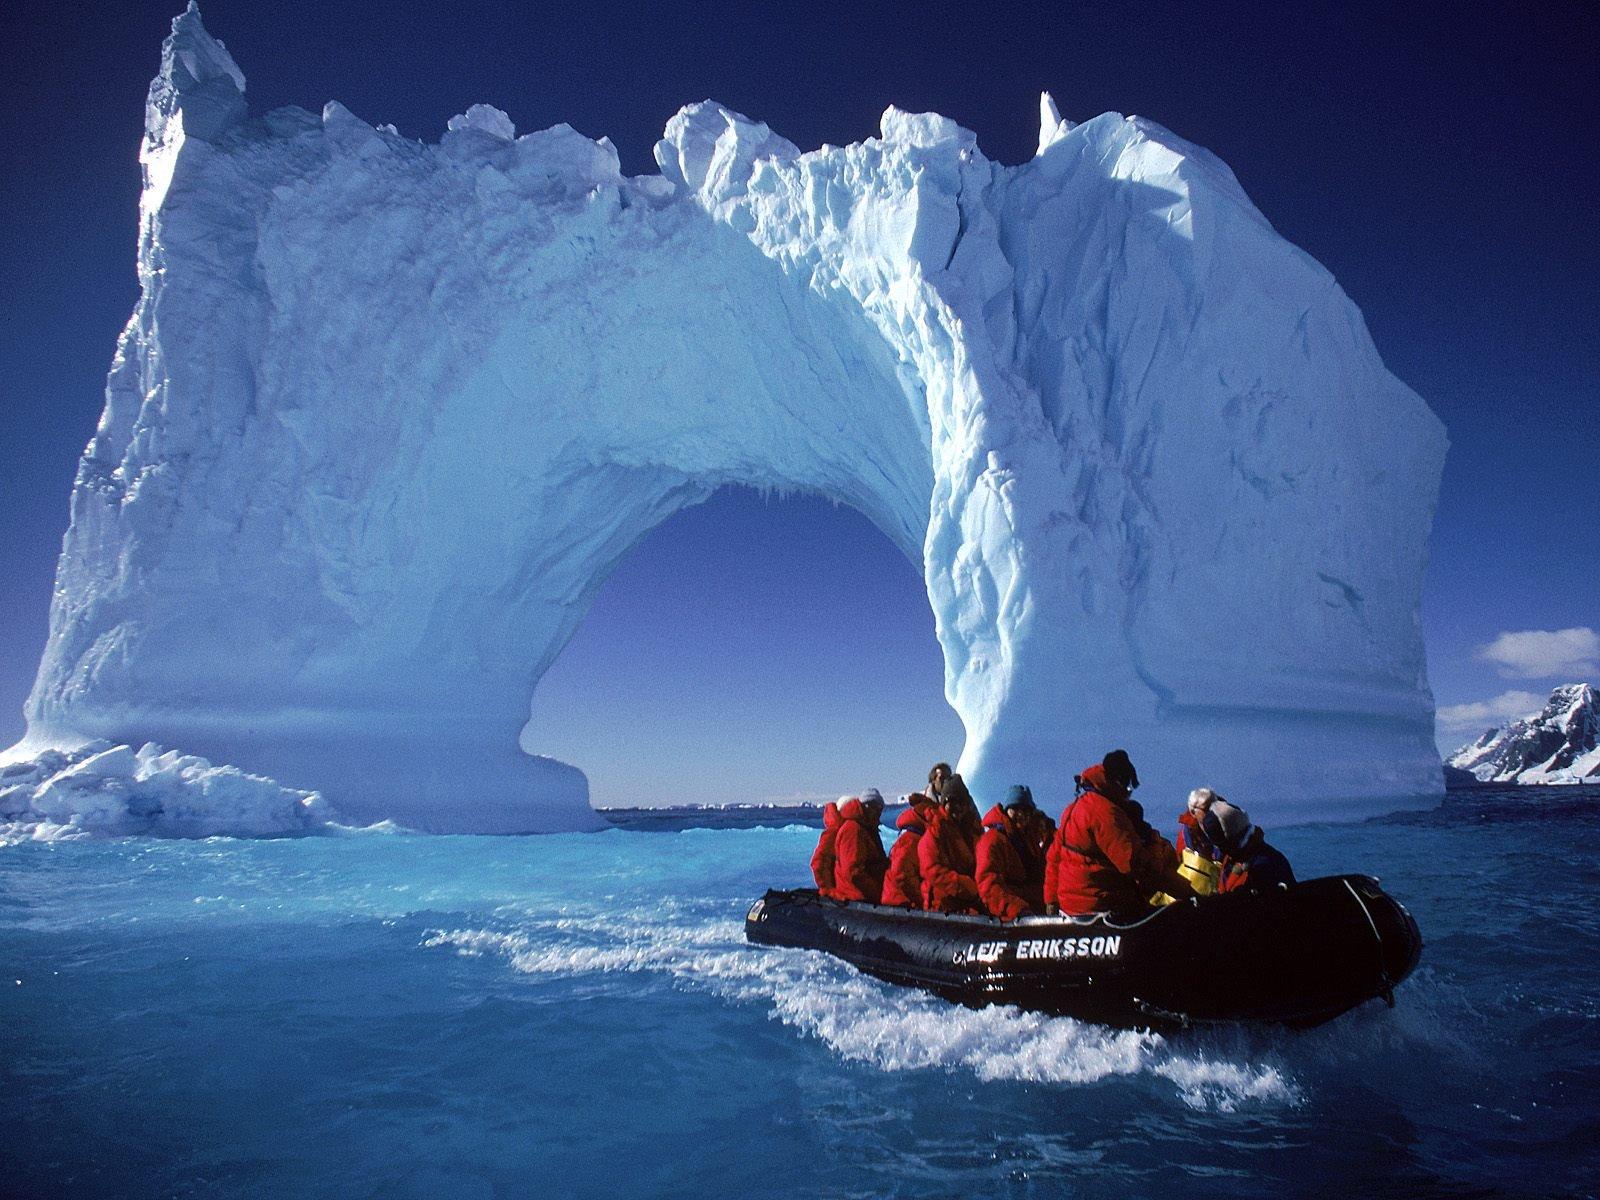 Антарктика превращена учеными вдетектор частиц для фиксация нейтрино